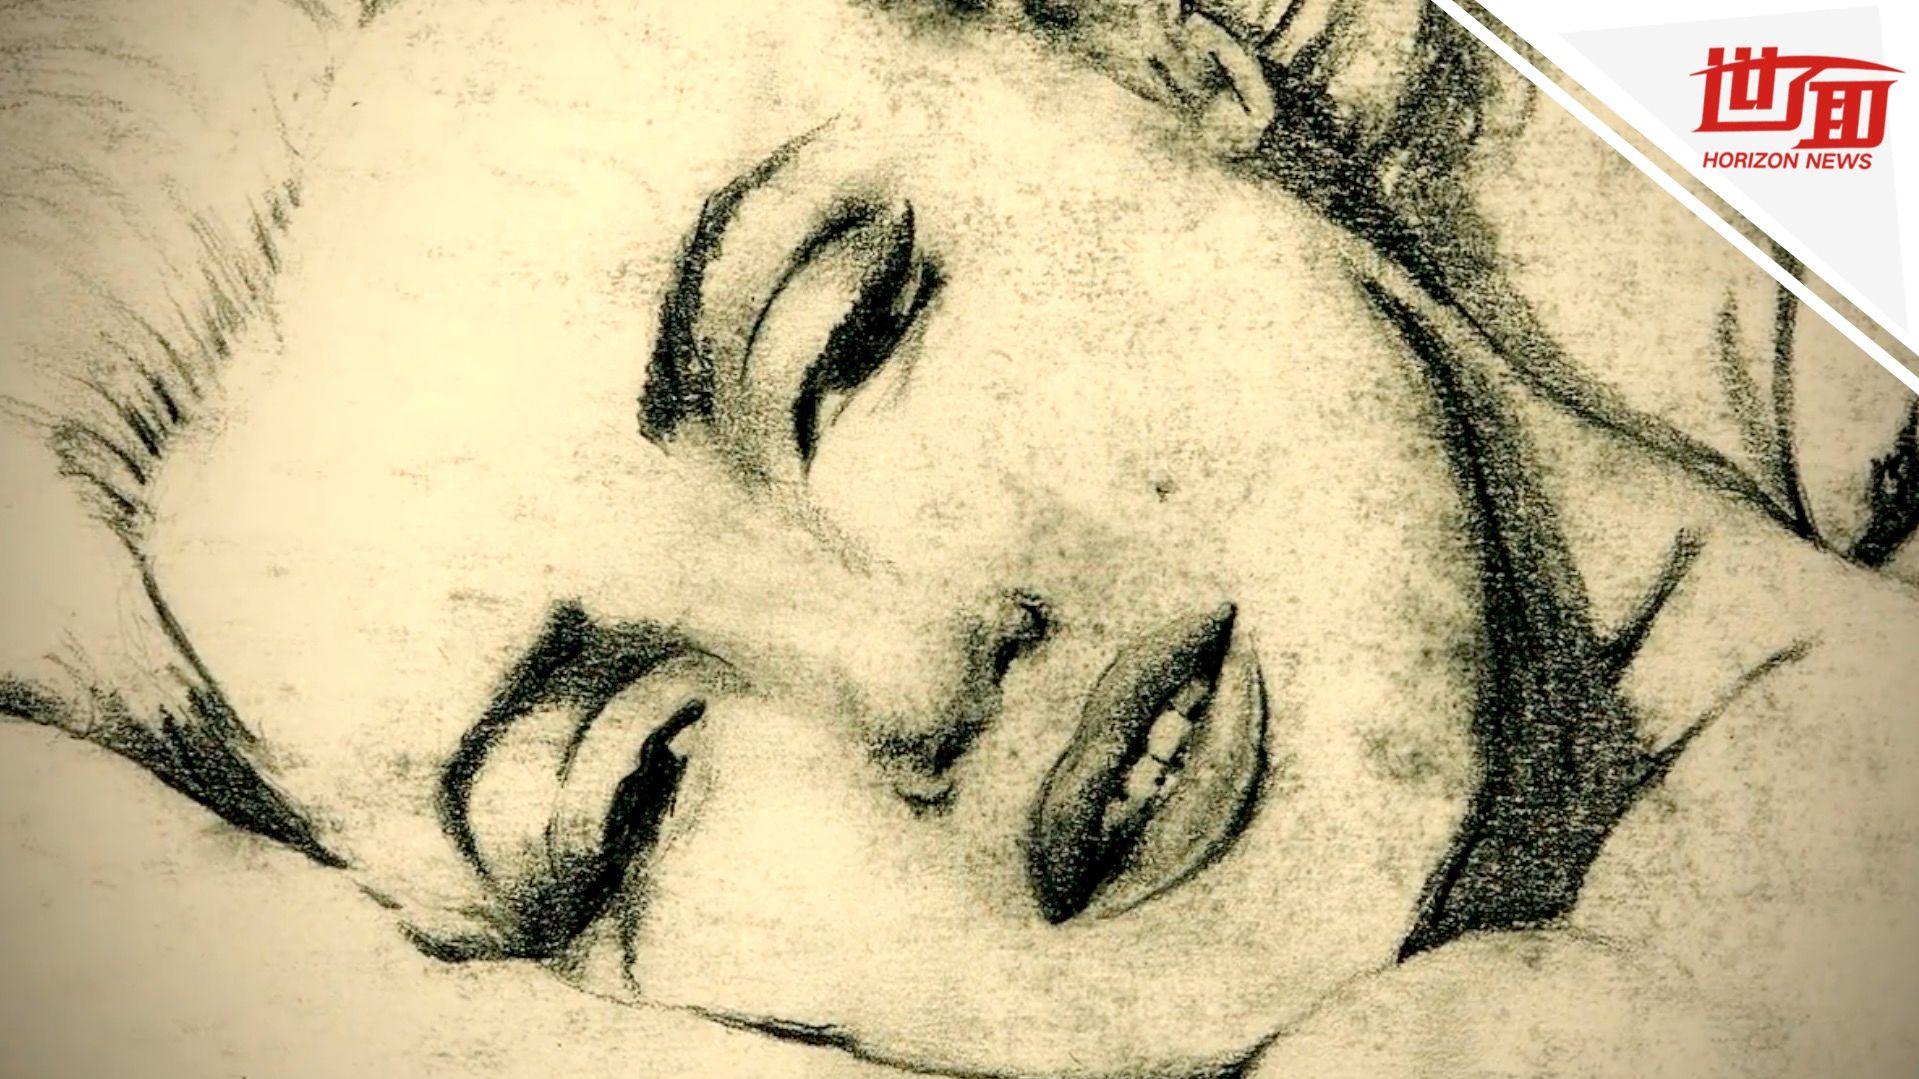 男子从小开始梦游作画 每天醒来看见新作品吓一跳